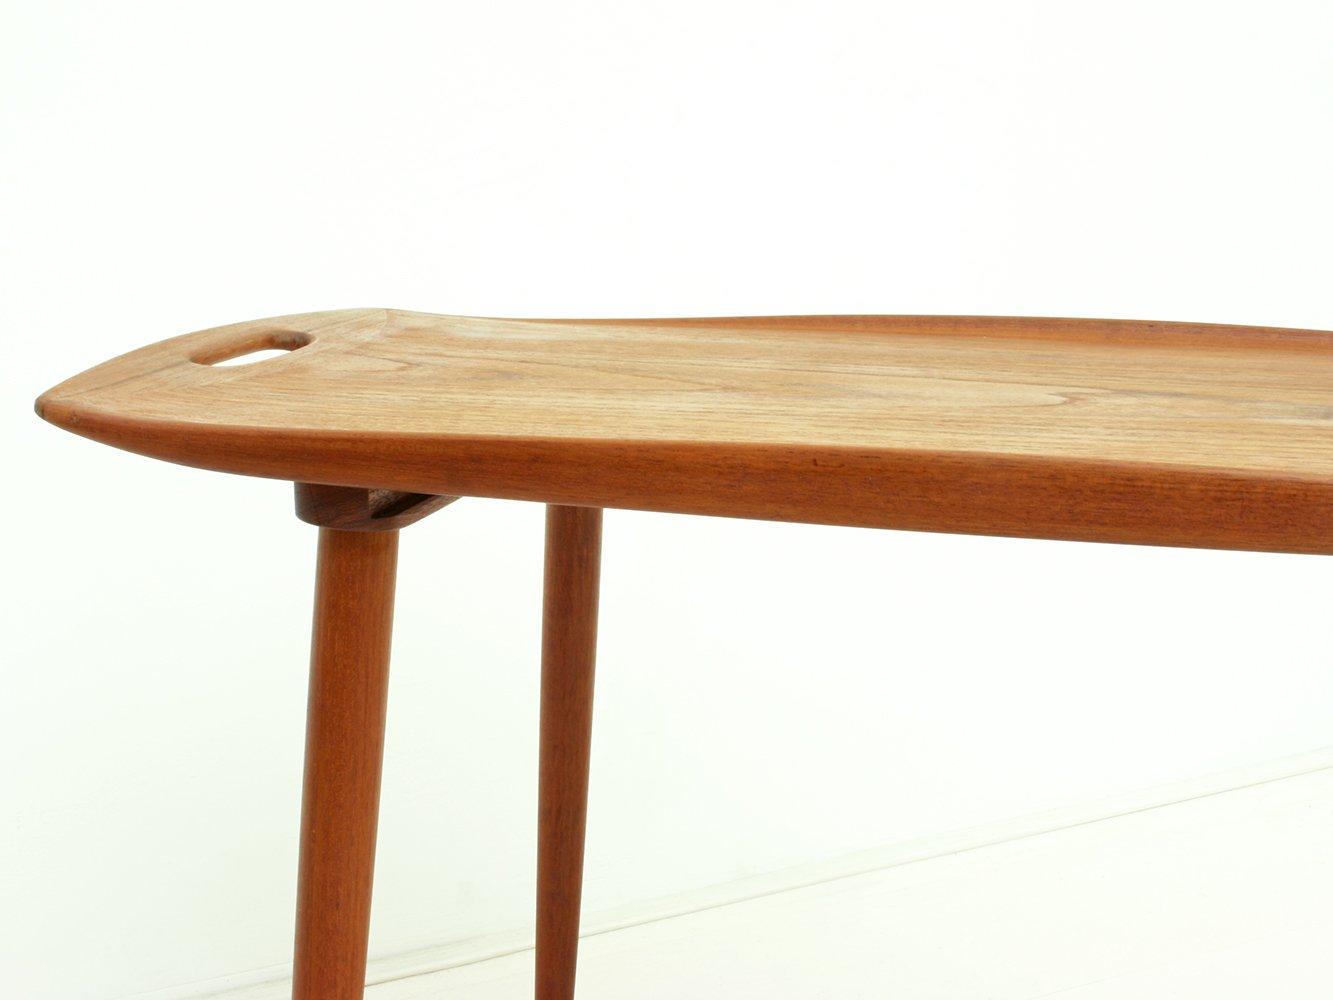 d nischer teak beistelltisch von jens quistgaard f r richard nissen 1960er bei pamono kaufen. Black Bedroom Furniture Sets. Home Design Ideas